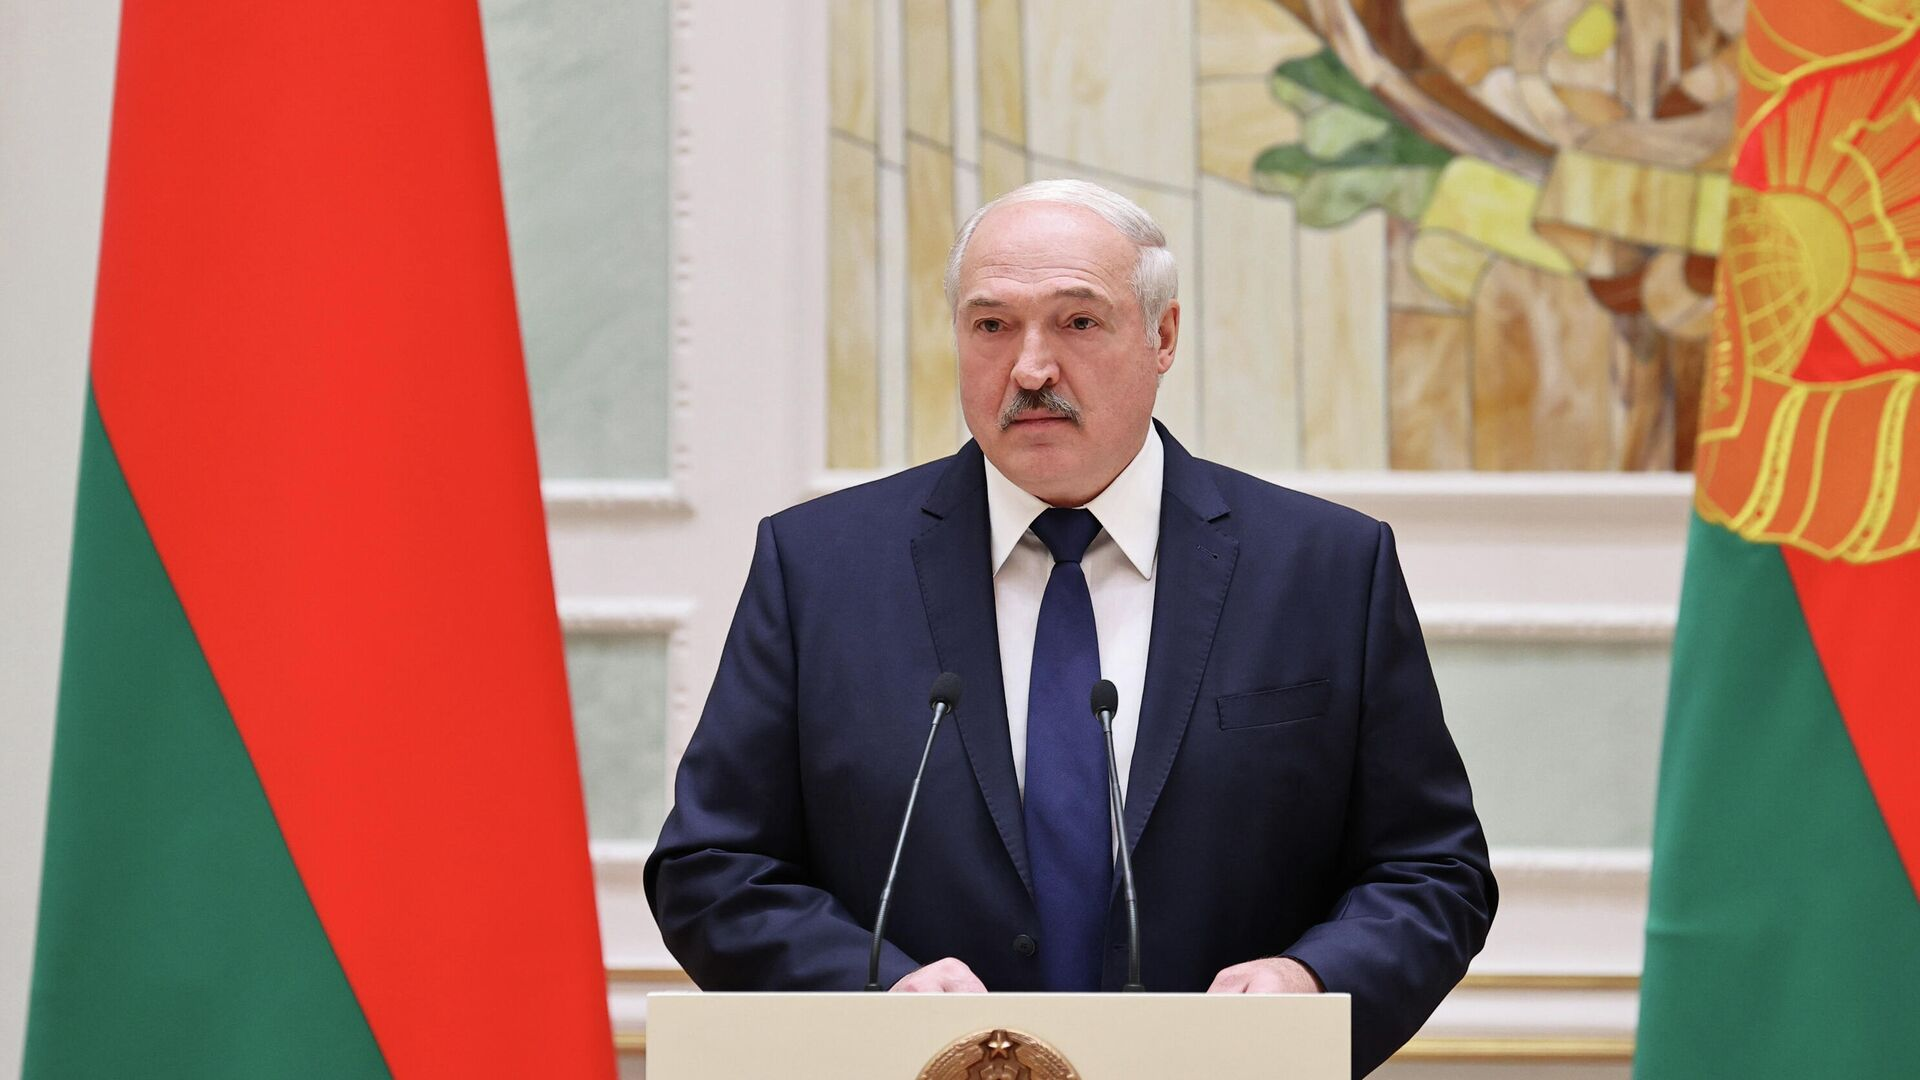 Президент Белоруссии Александр Лукашенко - РИА Новости, 1920, 07.11.2020